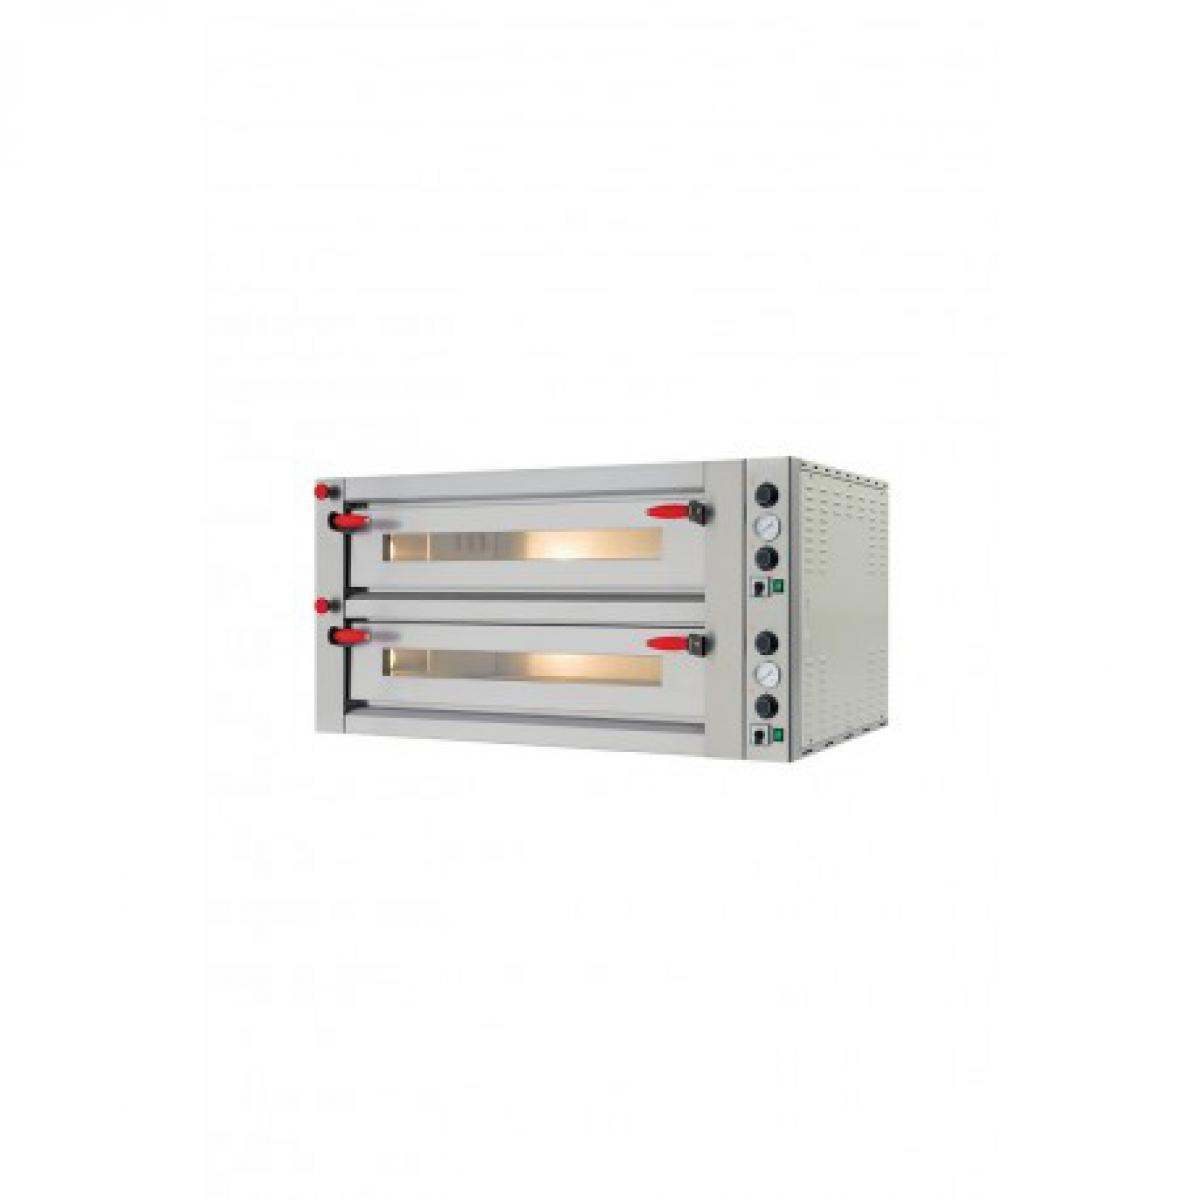 Yarrah Four à pizza électrique double pour professionnel - Mécanique 13,2 kW - Pizzagroup -